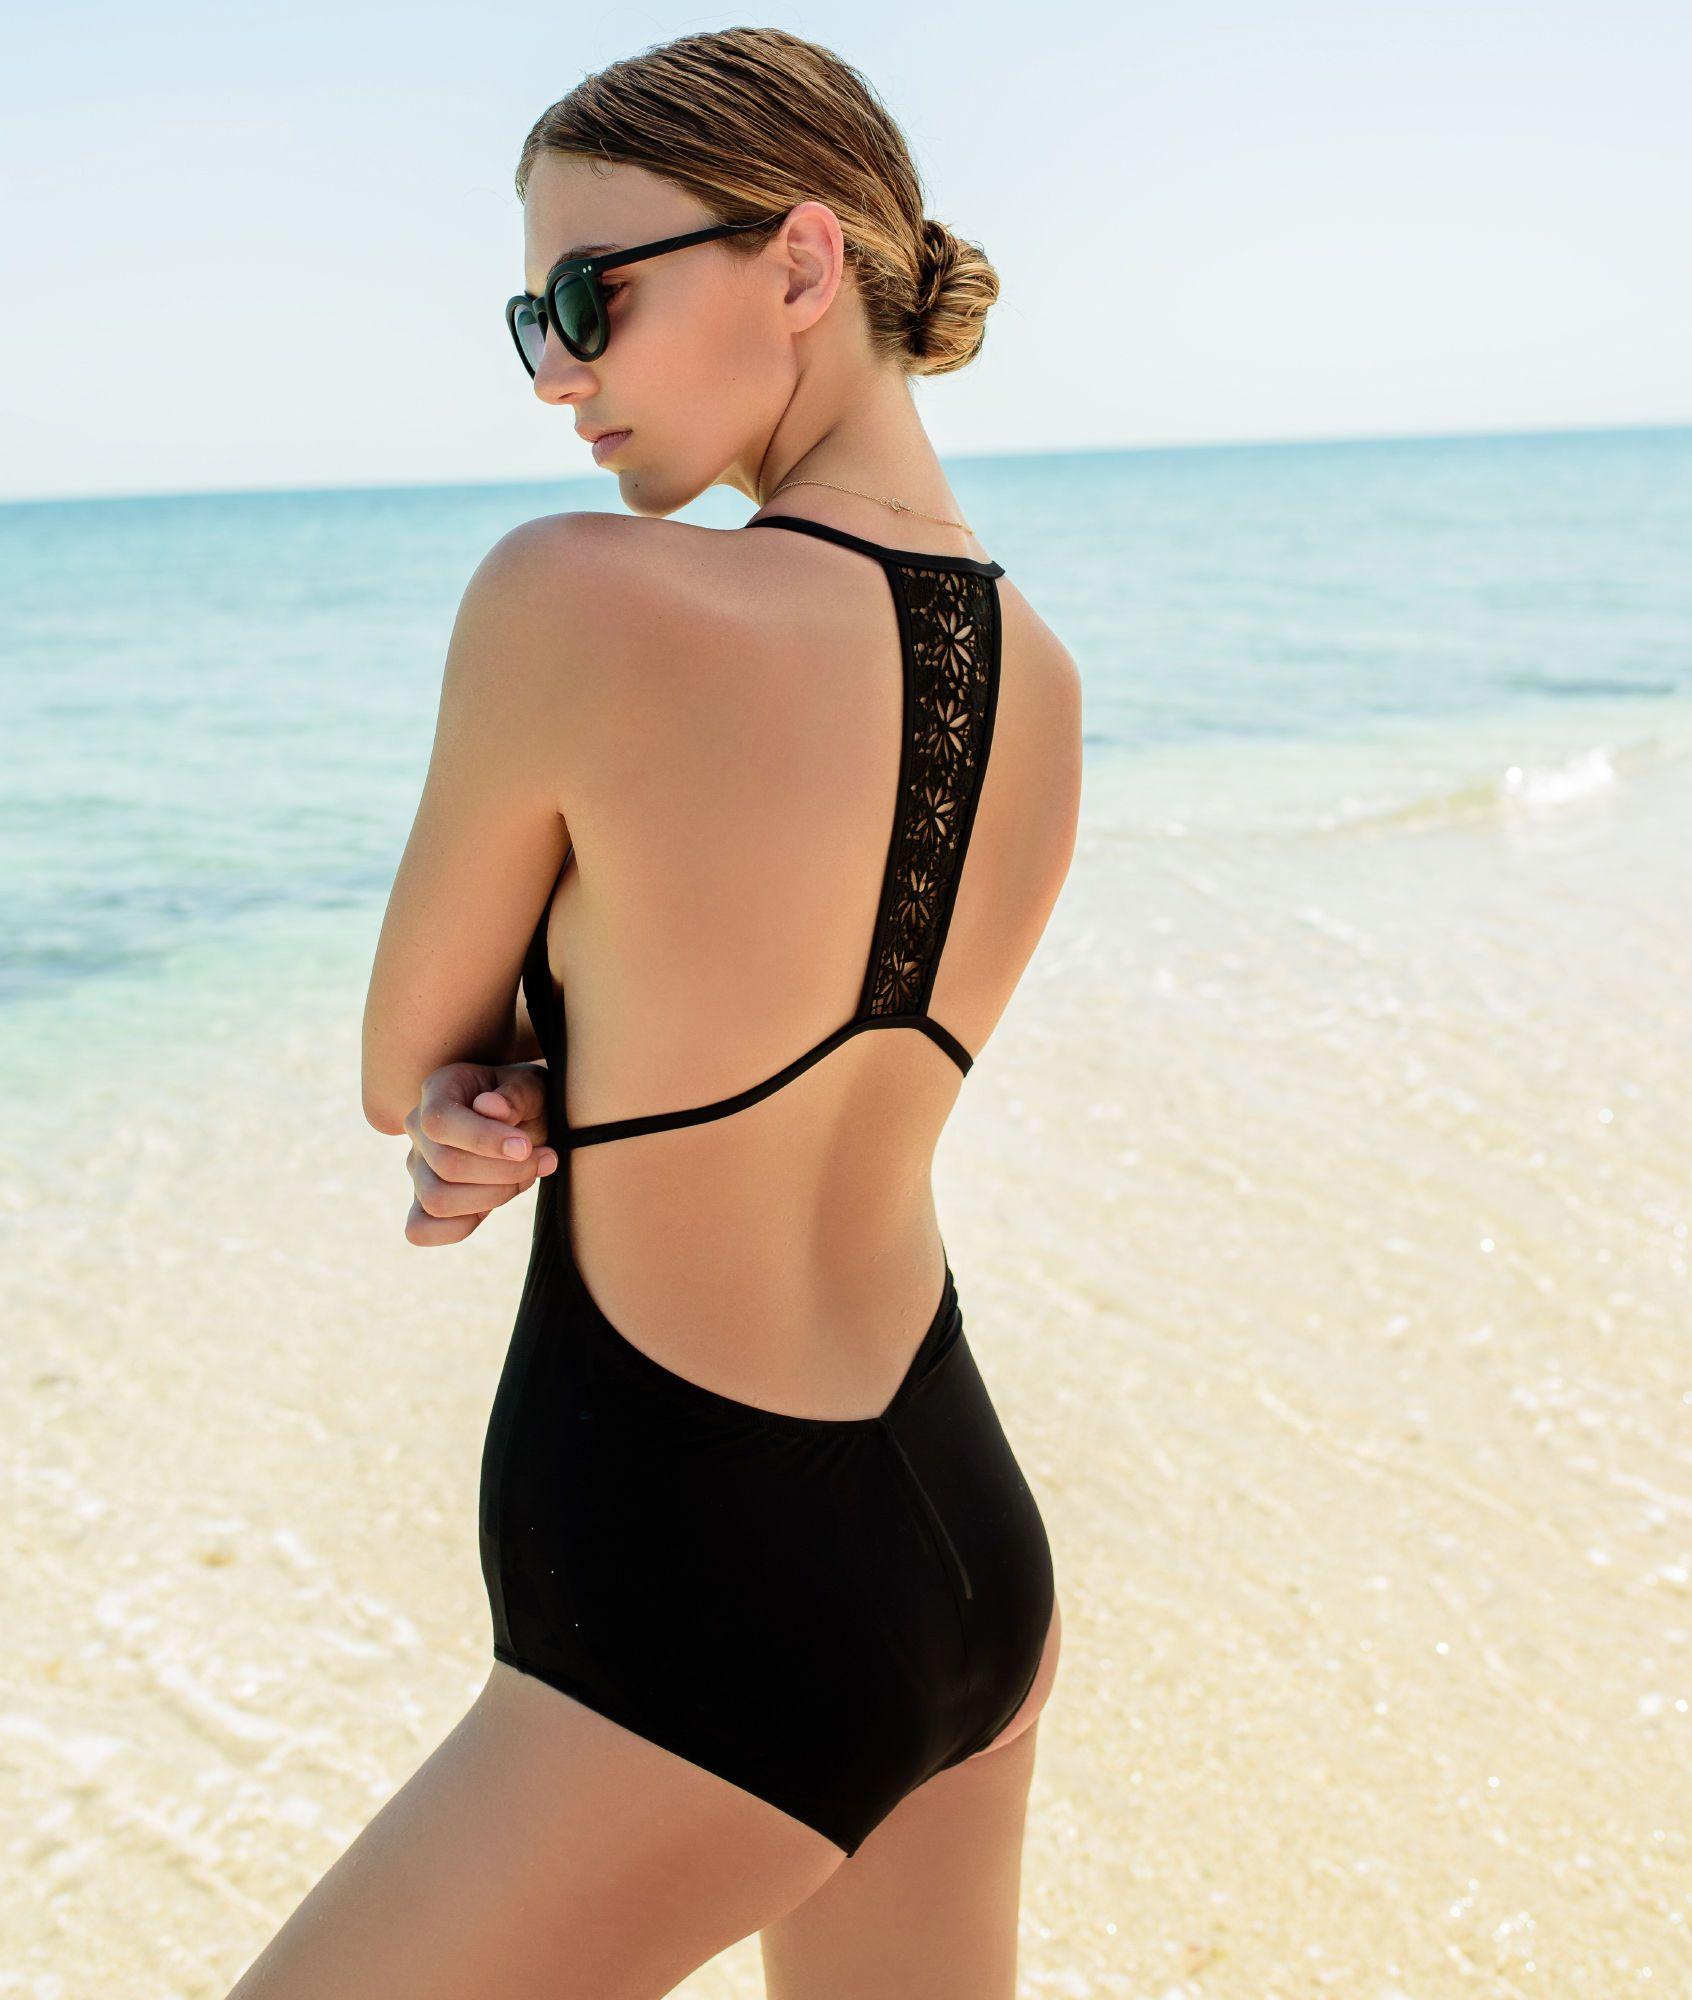 Nouvelle collection de maillots de bain pour femme Printemps-Eté 2018 sur  Etam.com